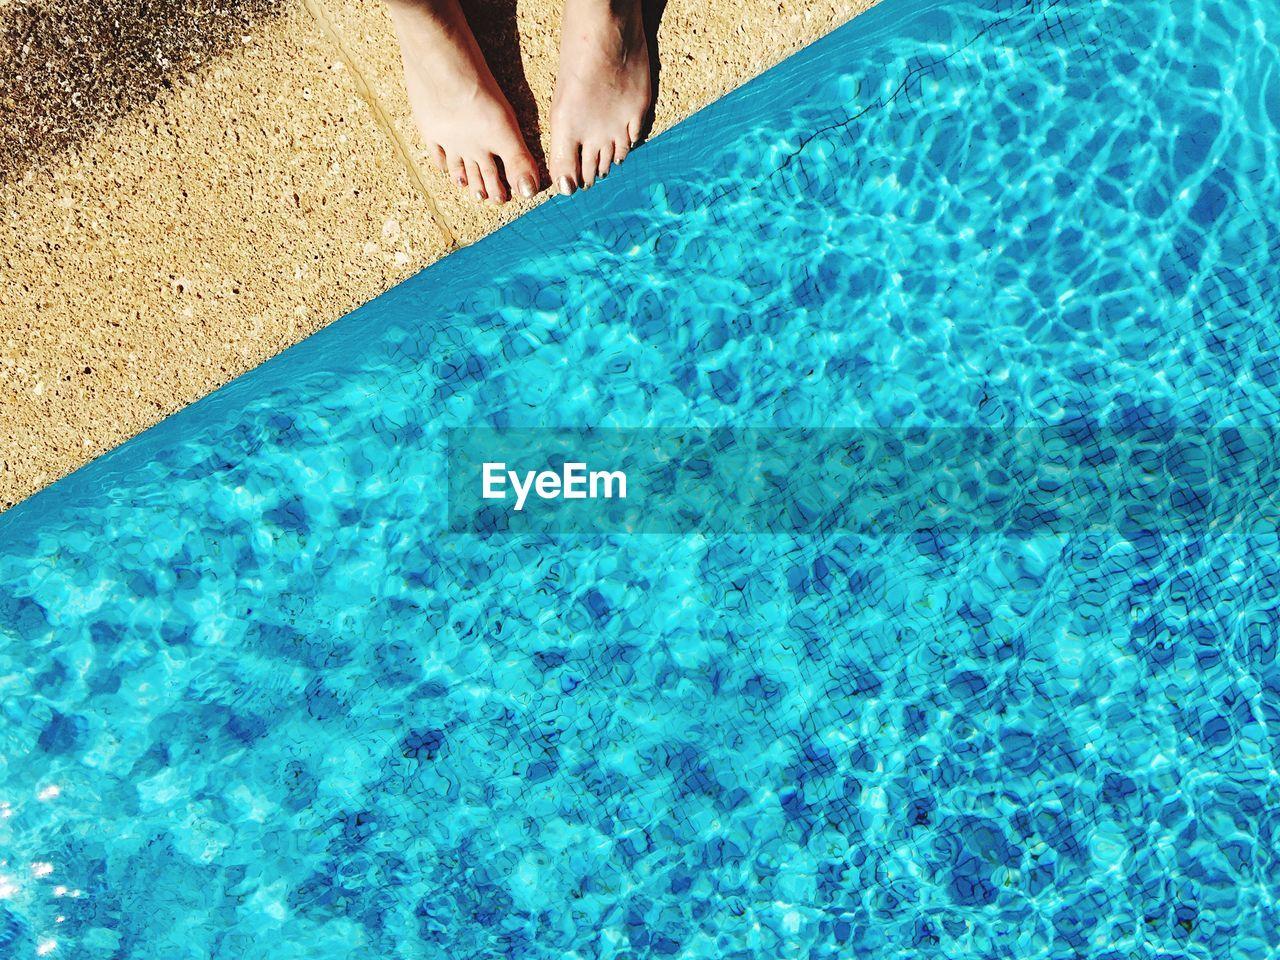 Human leg by pool